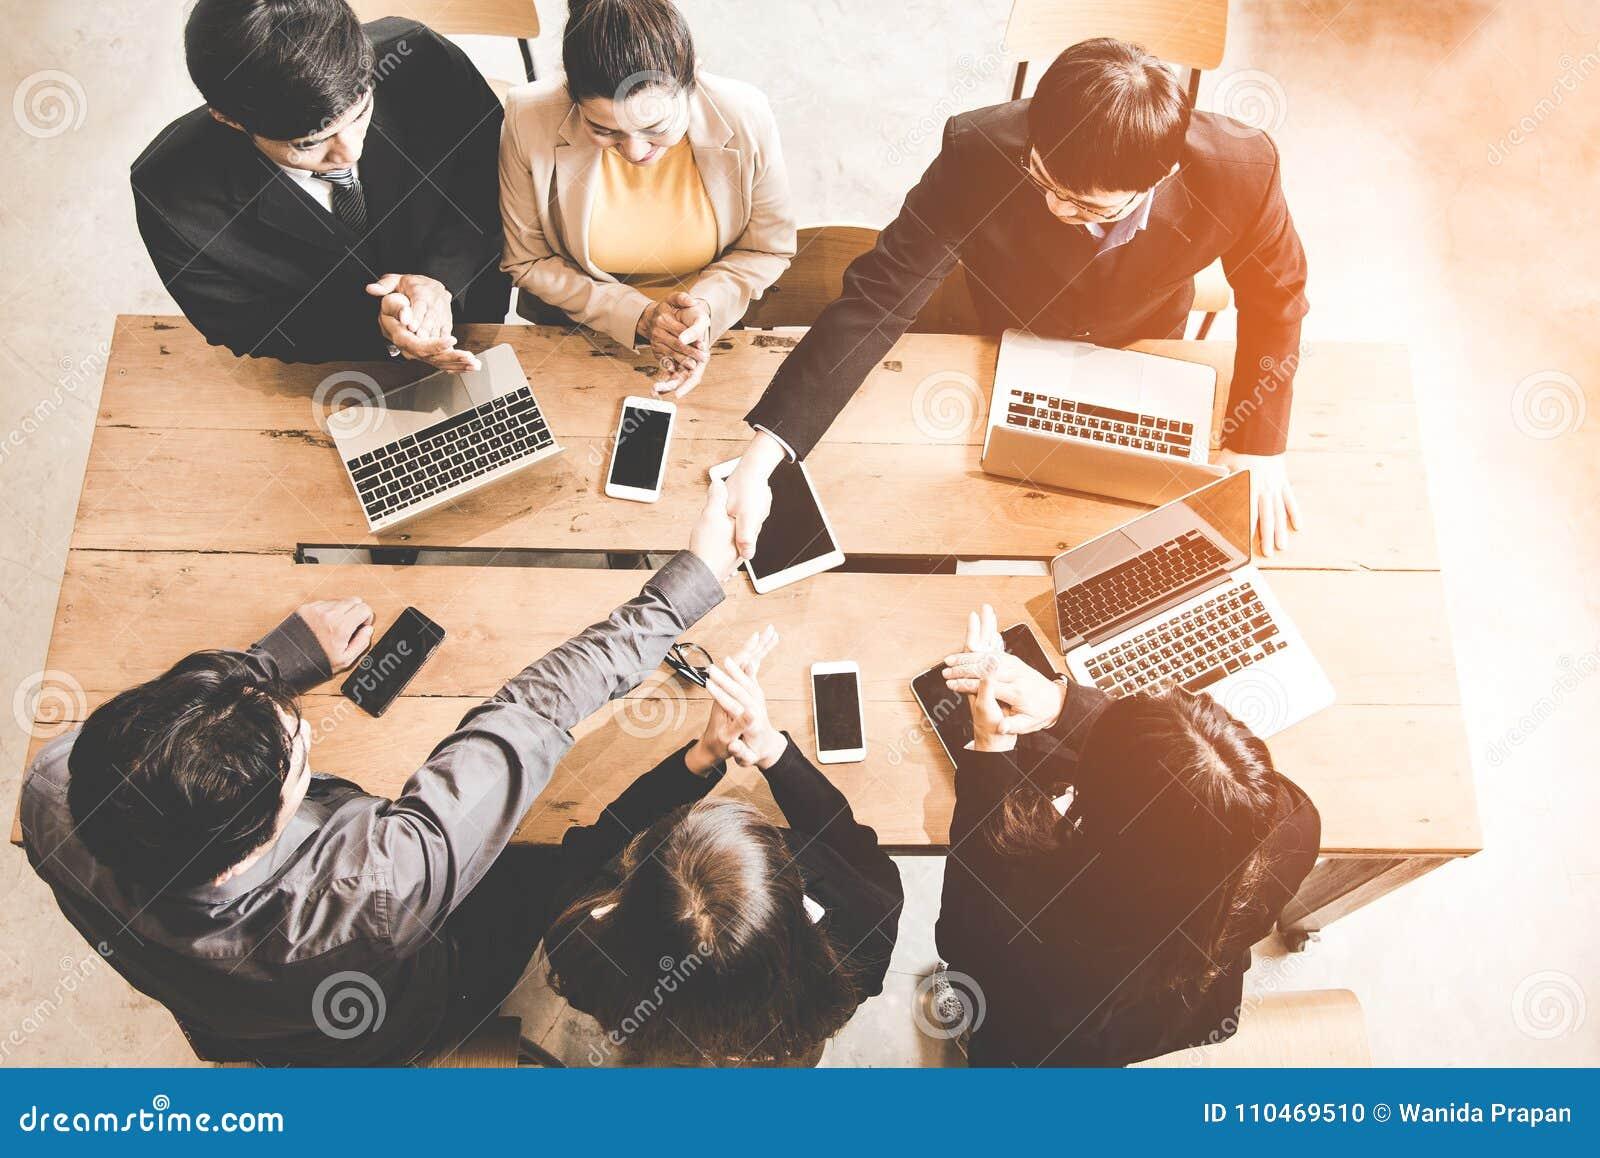 Apretón de manos del negocio en la reunión o la negociación en la oficina Satisfacen a los socios porque resuelven la conexión y